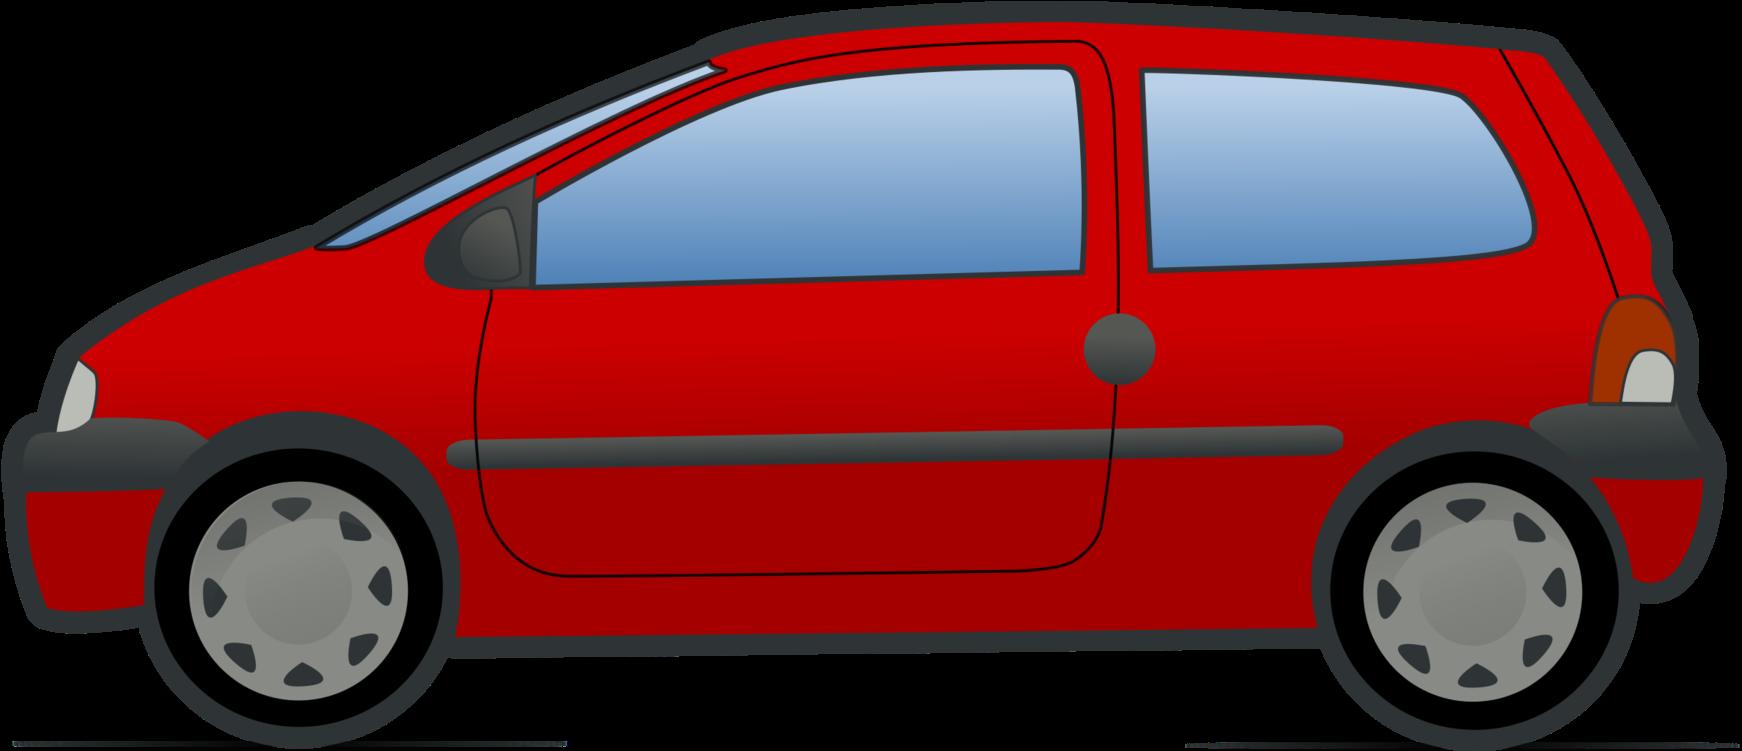 Minivan Cartoon Renault Twingo.